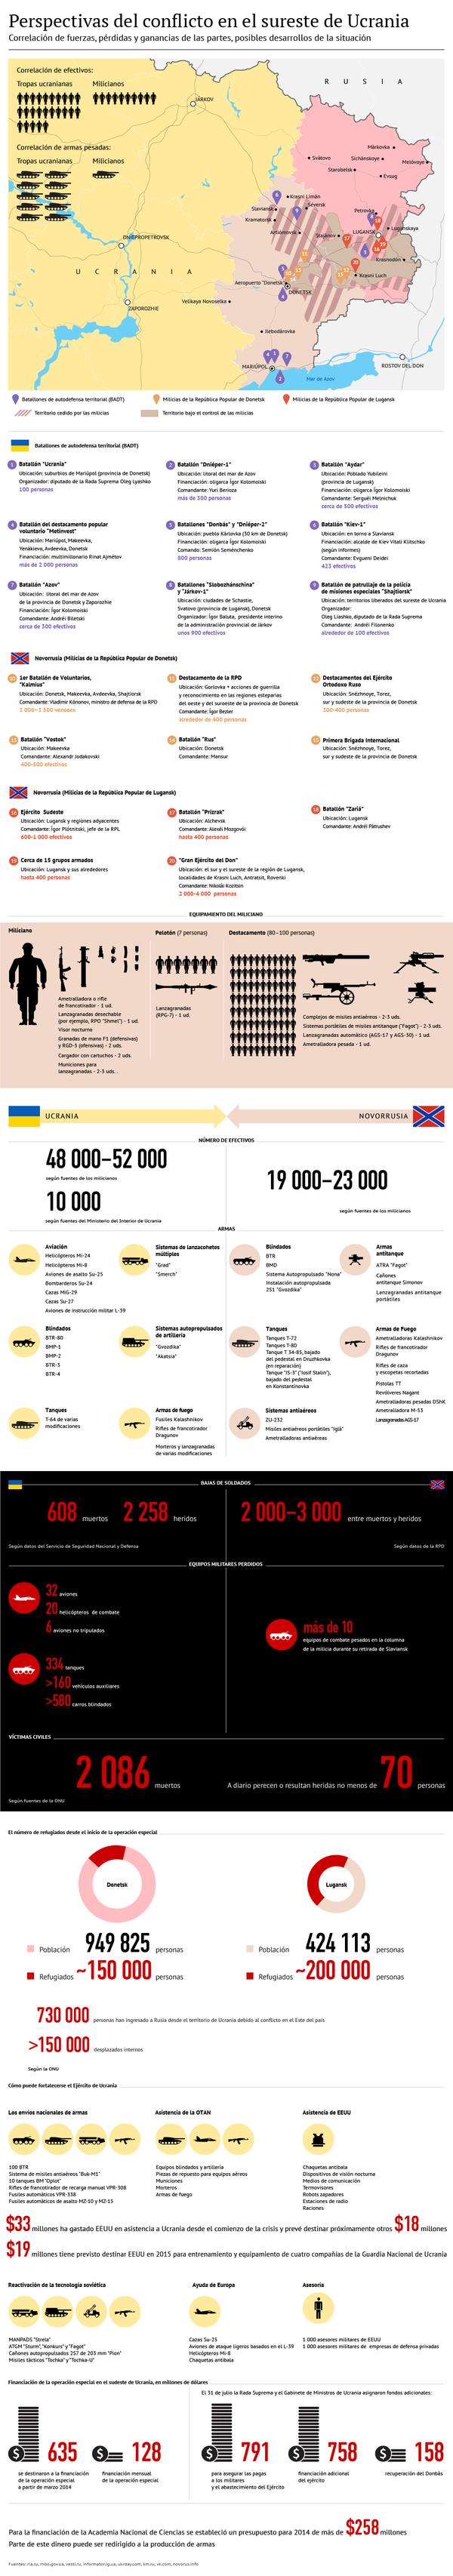 Perspectivas del conflicto en el sureste de Ucrania - Sputnik Mundo